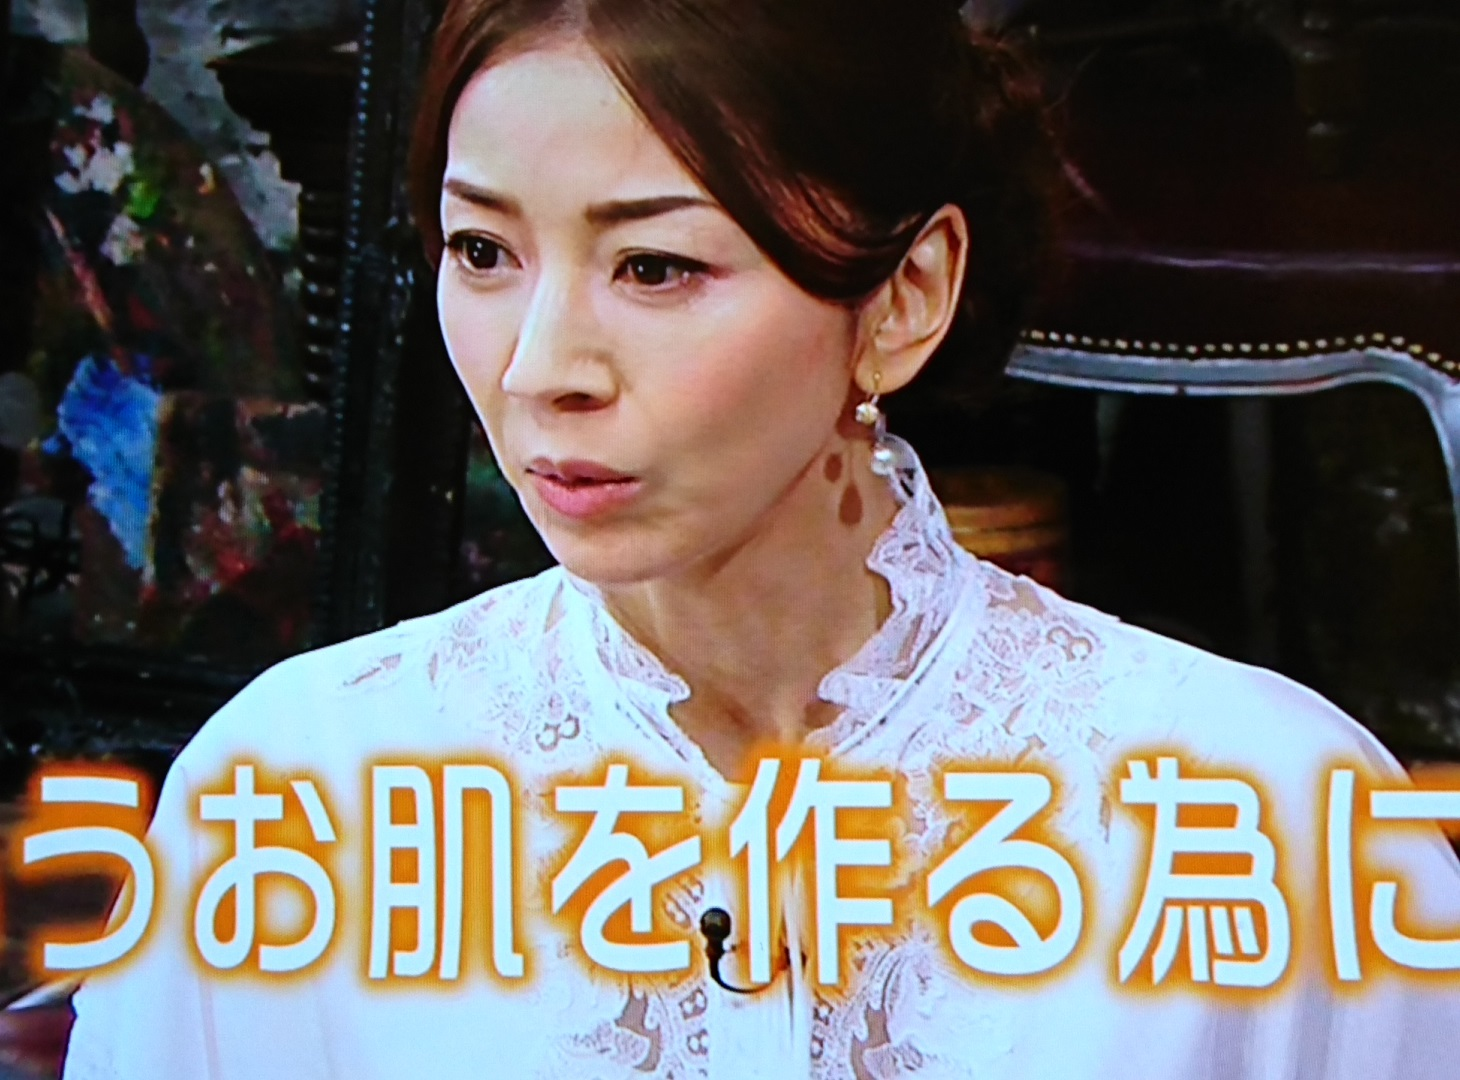 2017.4.20 君島十和子さん (2) 1460-1080